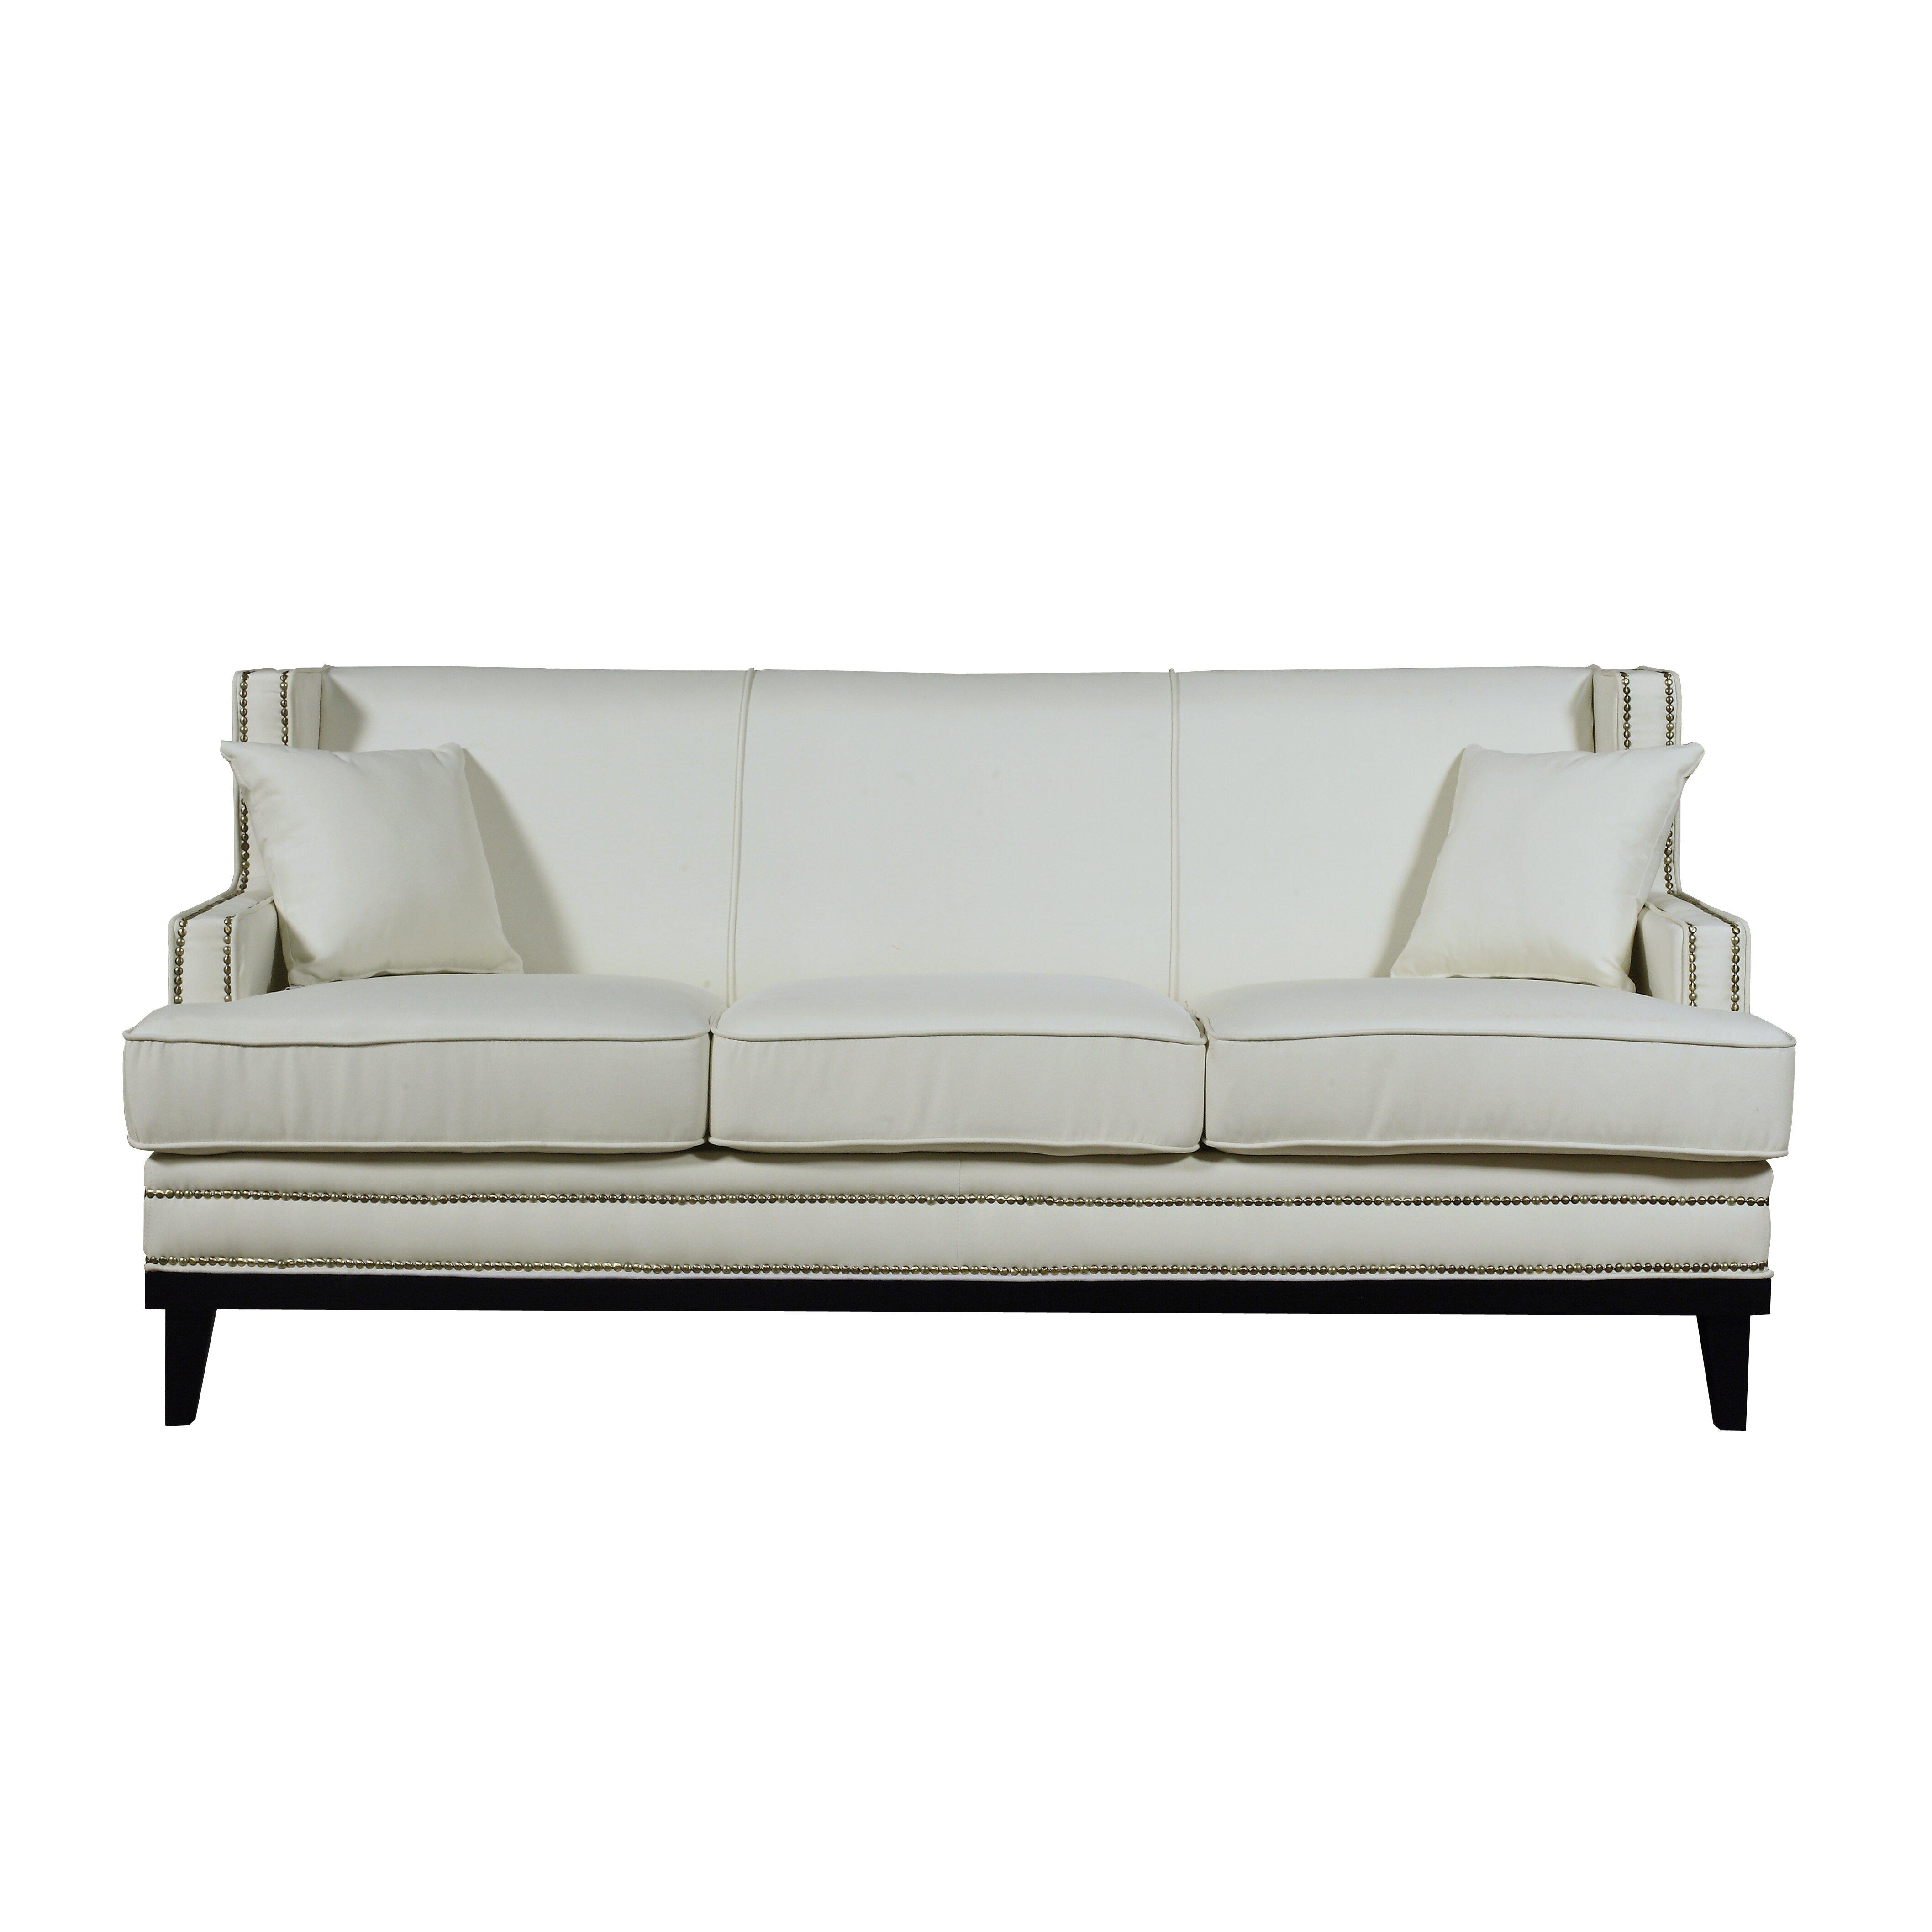 Madison home usa modern sofa reviews wayfair for Buy sofa online usa